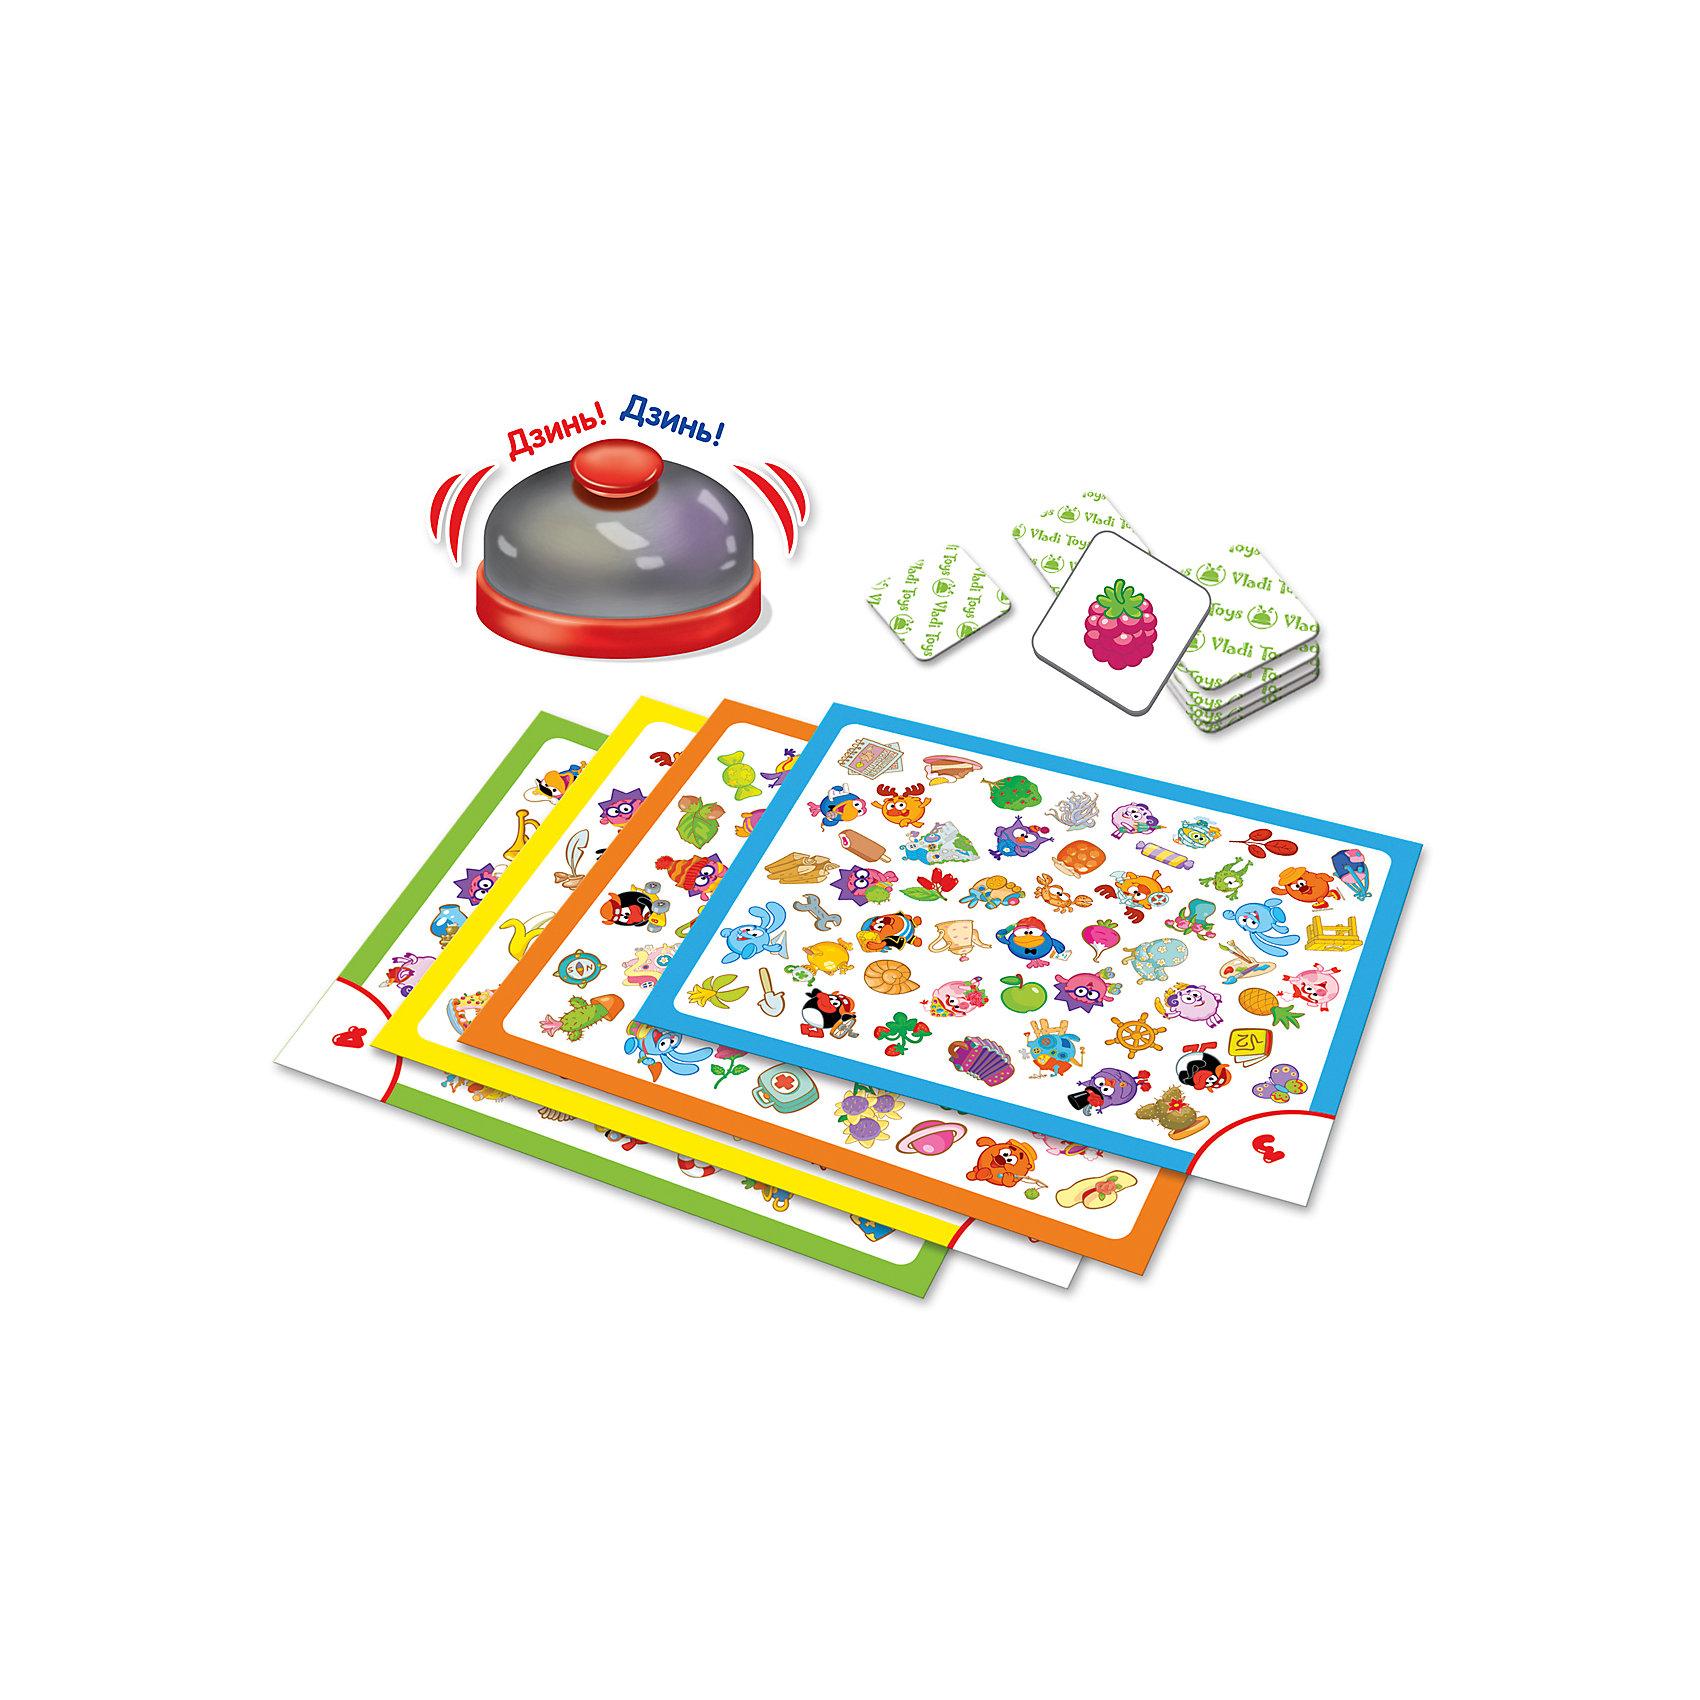 Игра со звонком  Глаз-Алмаз , Vladi ToysИгры для развлечений<br>Характеристики:<br><br>• Вид игр: обучающие, развивающие<br>• Серия: настольные игры<br>• Пол: универсальный<br>• Материал: картон<br>• Цвет: желтый, оранжевый, голубой, сиреневый, розовый и др.<br>• Комплектация: элементы для двух игр – Глаз-алмаз, Бинго, звонок, инструкция с правилами игр<br>• Размеры упаковки (Д*Ш*В): 18*5*22,6 см<br>• Тип упаковки: картонная коробка<br>• Вес в упаковке: 252 г<br><br>Игра со звонком Глаз-Алмаз, Vladi Toys, производителем которых является компания, специализирующаяся на выпуске развивающих игр, давно уже стали популярными среди аналогичной продукции. Развивающие настольные игры являются эффективным способом развития и обучения ребенка. При производстве настольных игр от Vladi Toys используются только экологически безопасные материалы, которые не вызывают аллергии и не имеют запаха. Набор состоит из элементов для двух игр: 4-х игровых полей, 96 фишек и 1 звонка. Все игровые элементы набора отличаются яркостью красок и наглядностью. <br>Игра со звонком Глаз-Алмаз, Vladi Toys позволит организовать веселый и полезный досуг вашего ребенка, научит внимательности, быстроте реагирования, смекалке и логическому мышлению, а также будет способствовать развитию памяти.<br><br>Игру со звонком Глаз-Алмаз, Vladi Toys можно купить в нашем интернет-магазине.<br><br>Ширина мм: 180<br>Глубина мм: 50<br>Высота мм: 226<br>Вес г: 252<br>Возраст от месяцев: 24<br>Возраст до месяцев: 84<br>Пол: Унисекс<br>Возраст: Детский<br>SKU: 5136132